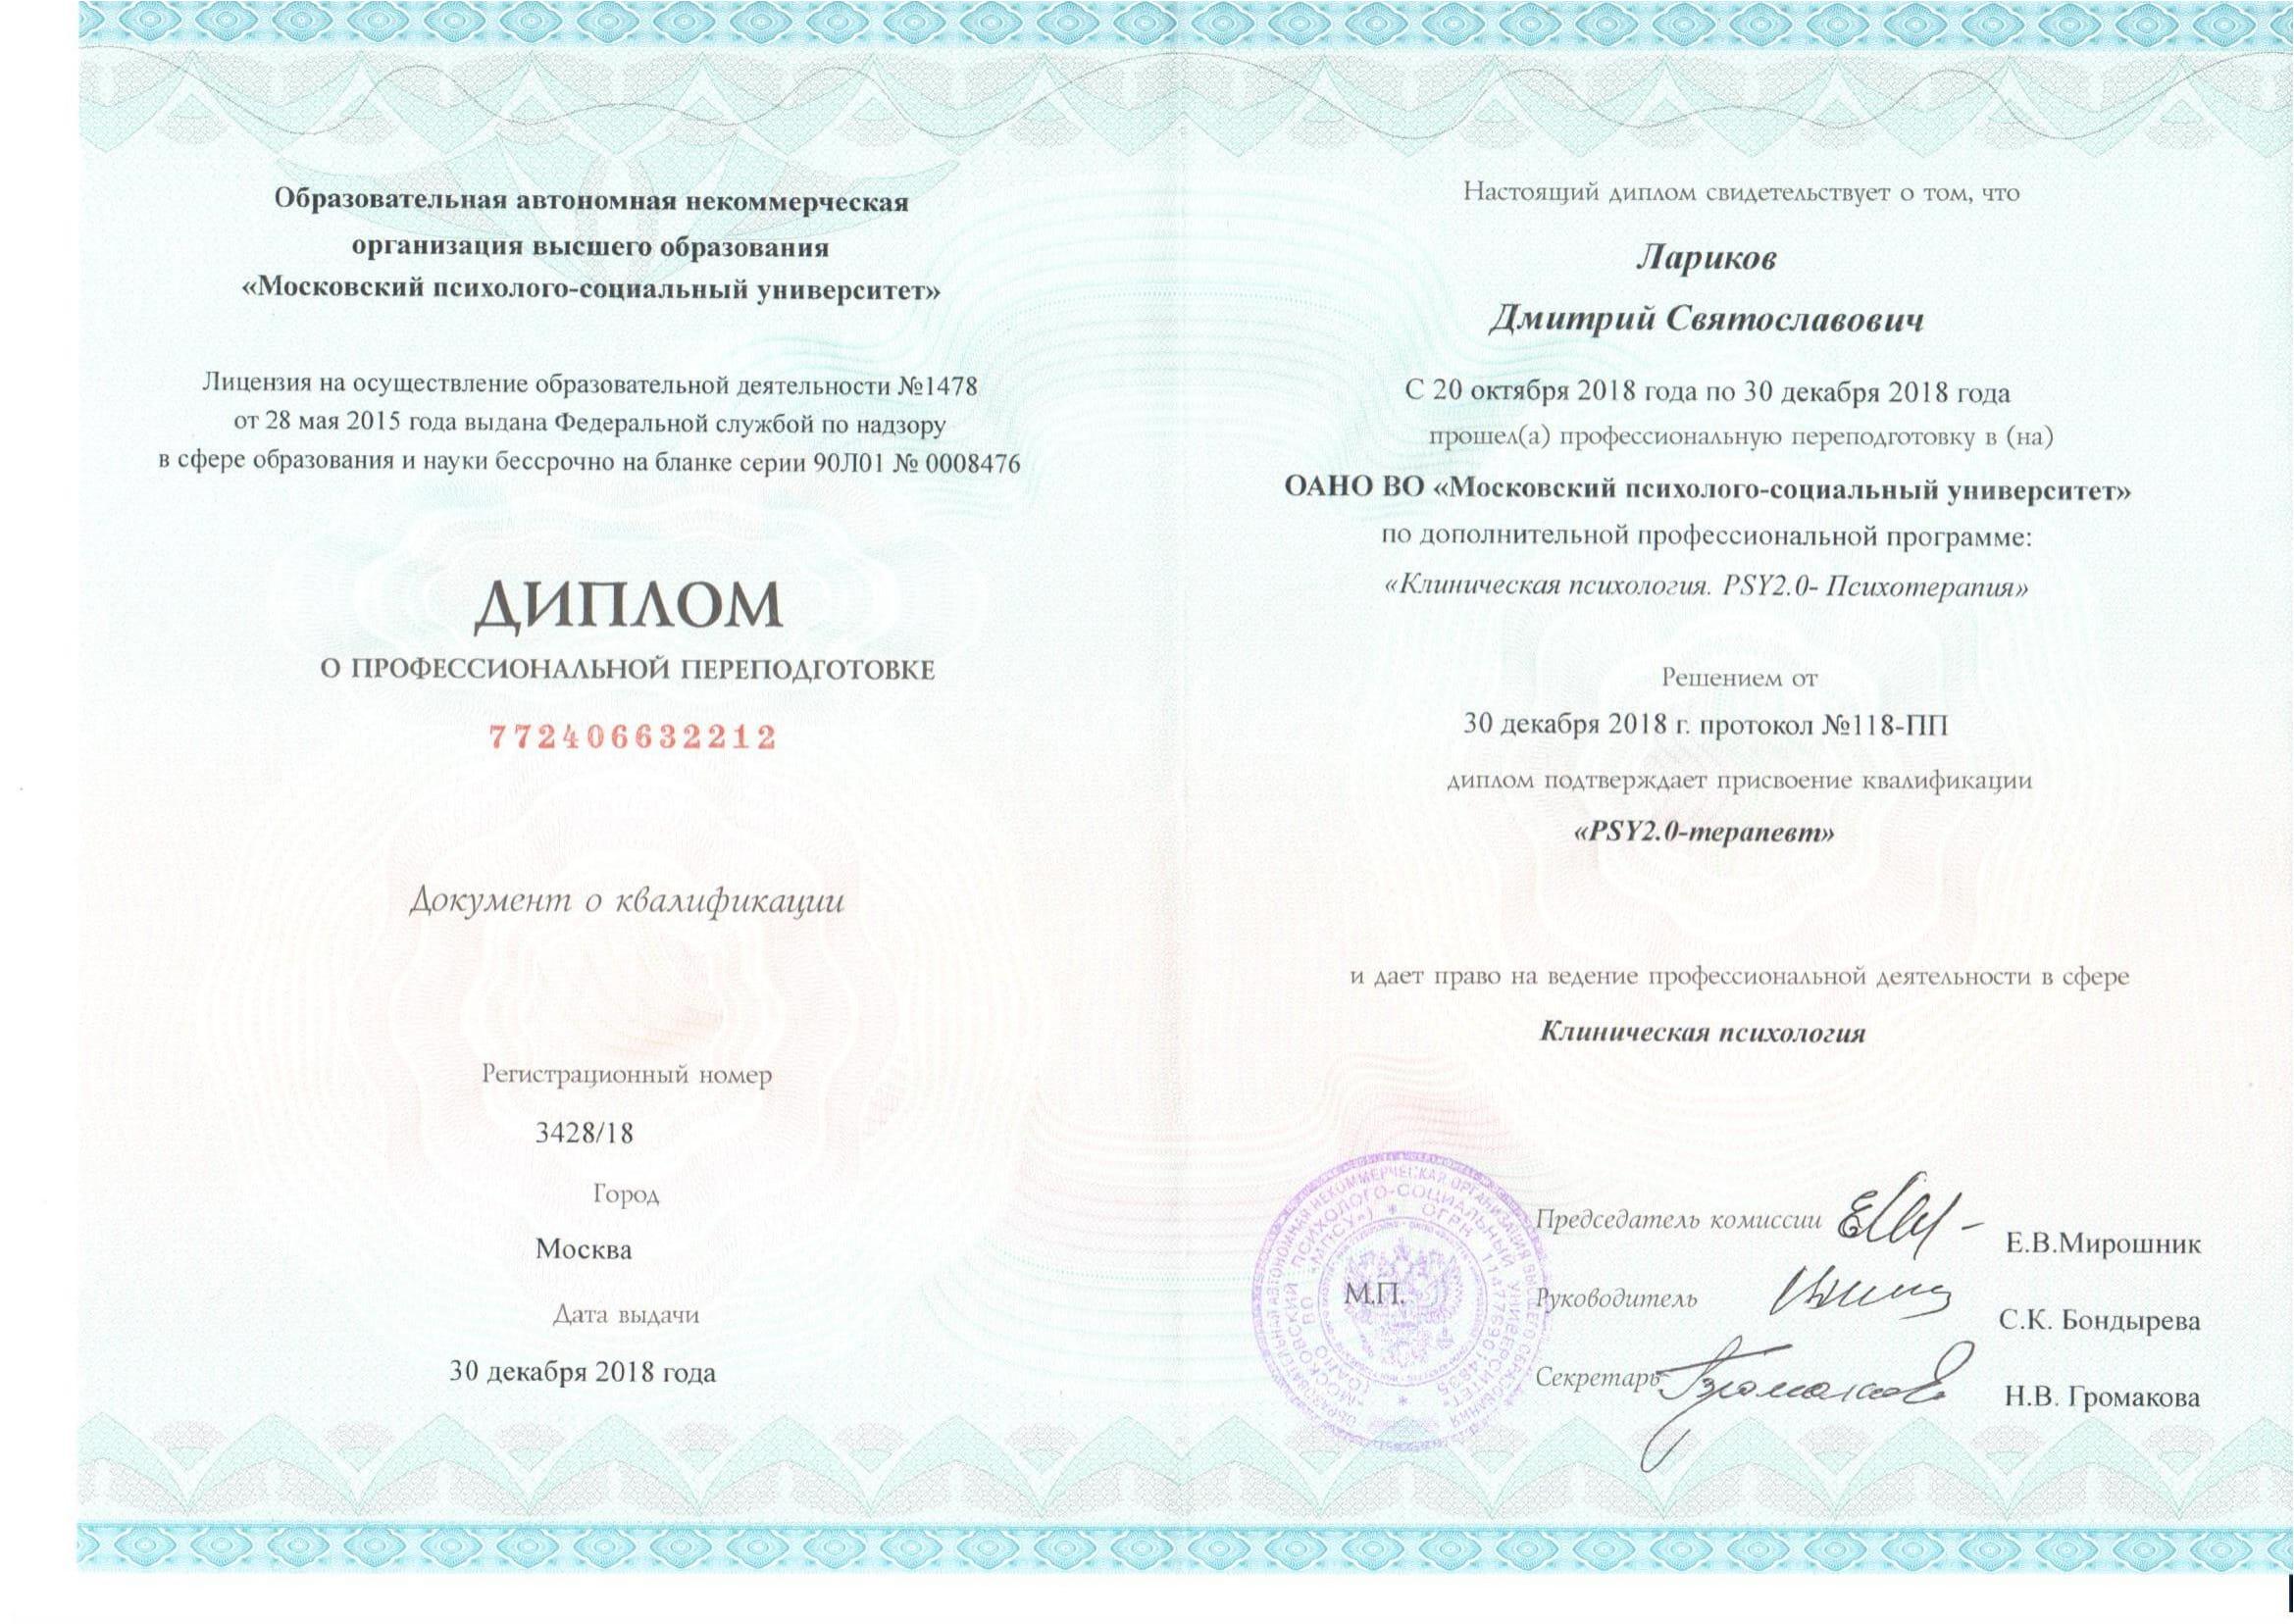 Диплом Лариков МПСУ-1